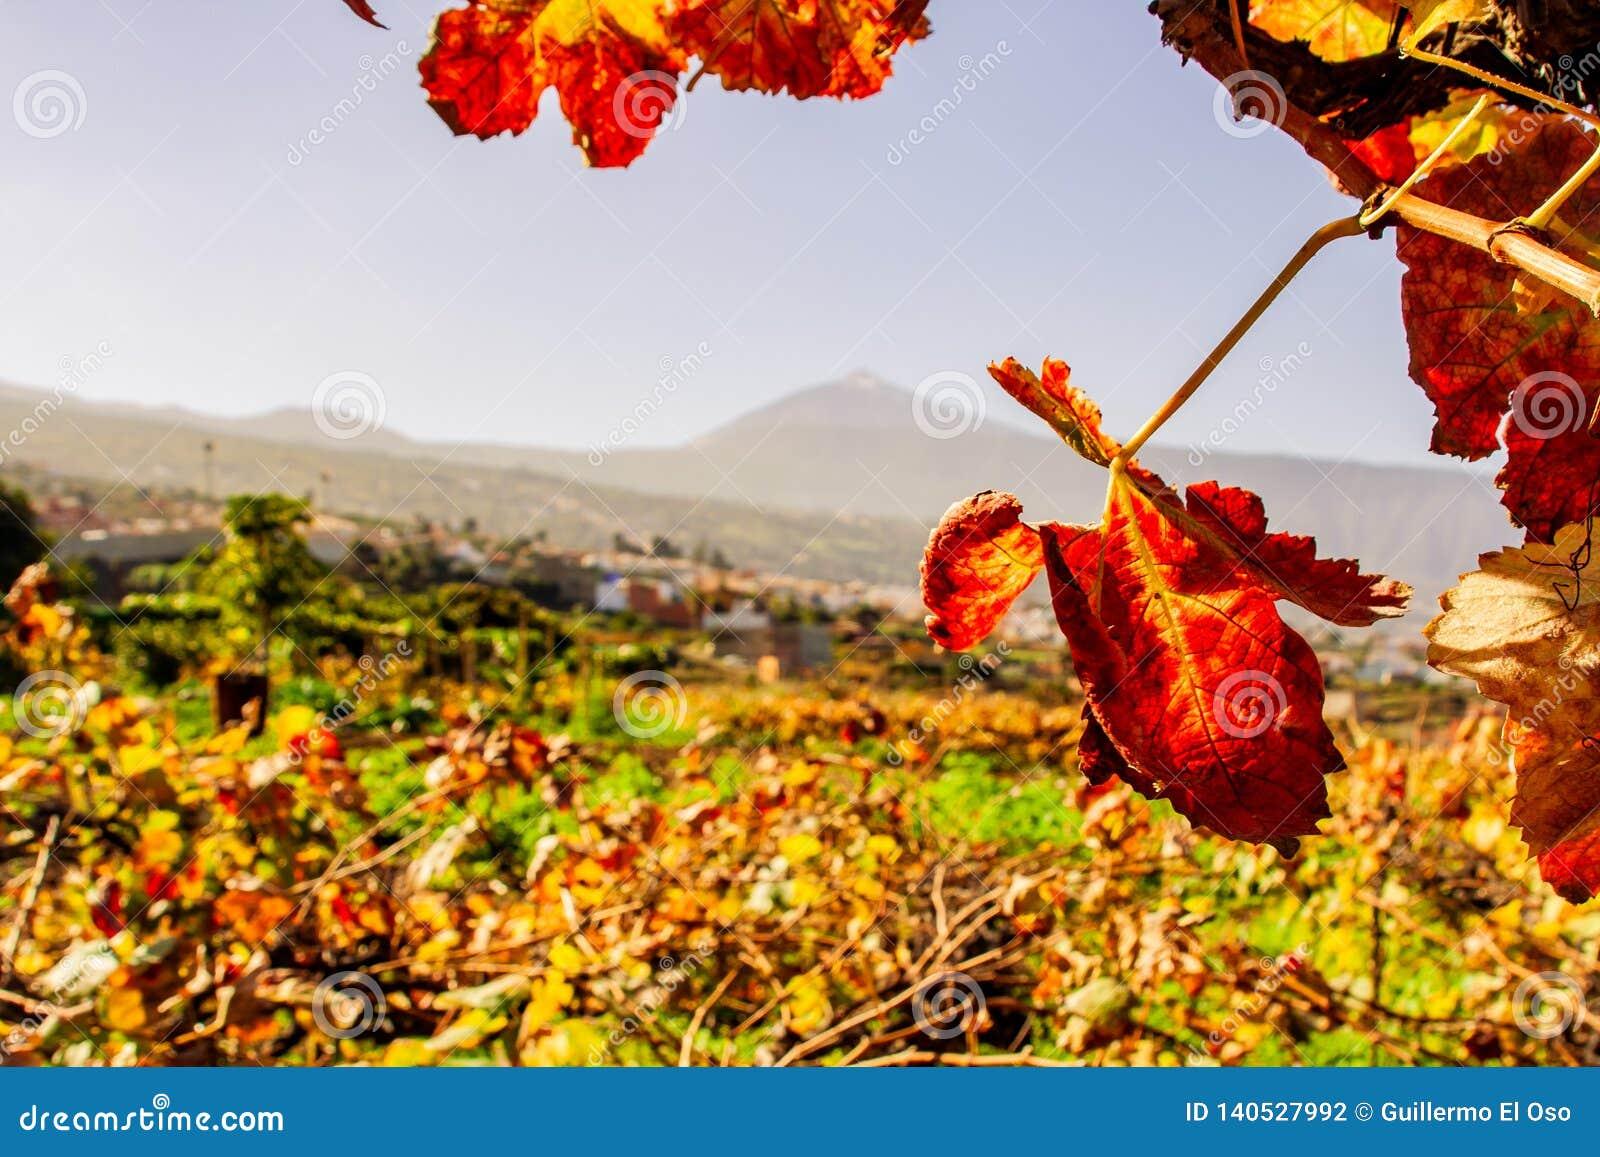 Weinblatt und ein großer Bergblick